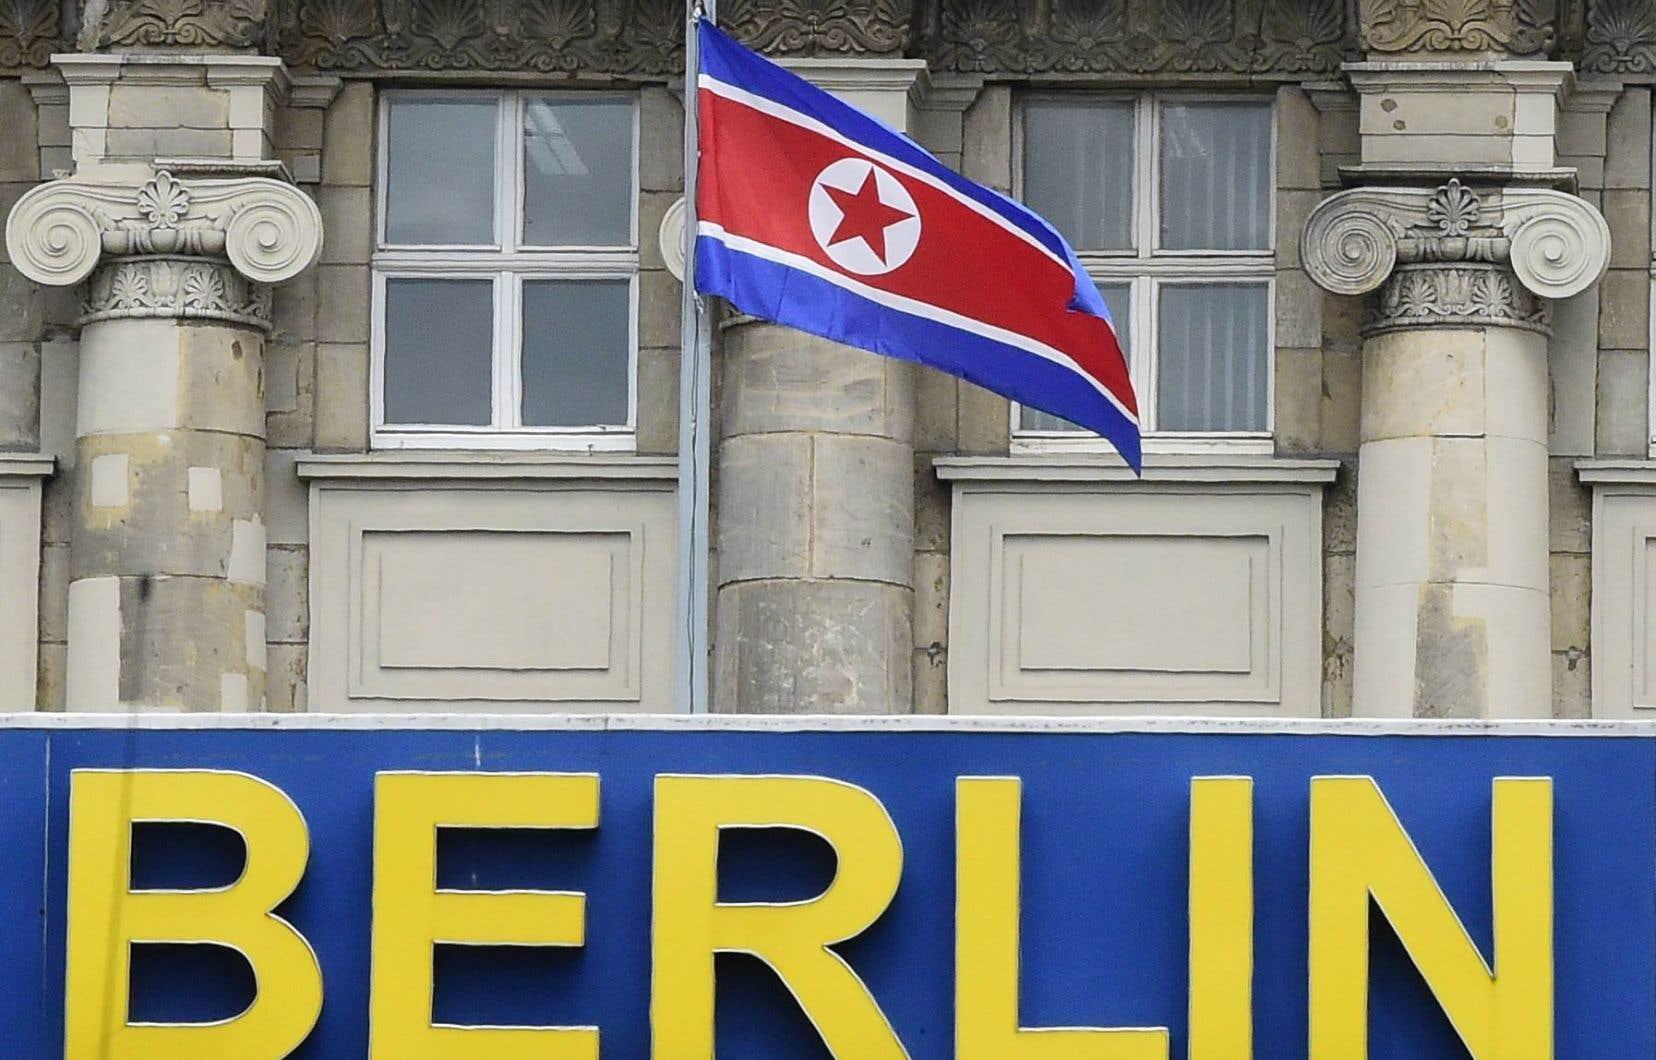 Vue sur le City Hostel Berlin, avec le drapeau de la Corée du Nord, à côté de l'ambassade de Corée du Nord à Berlin, en Allemagne